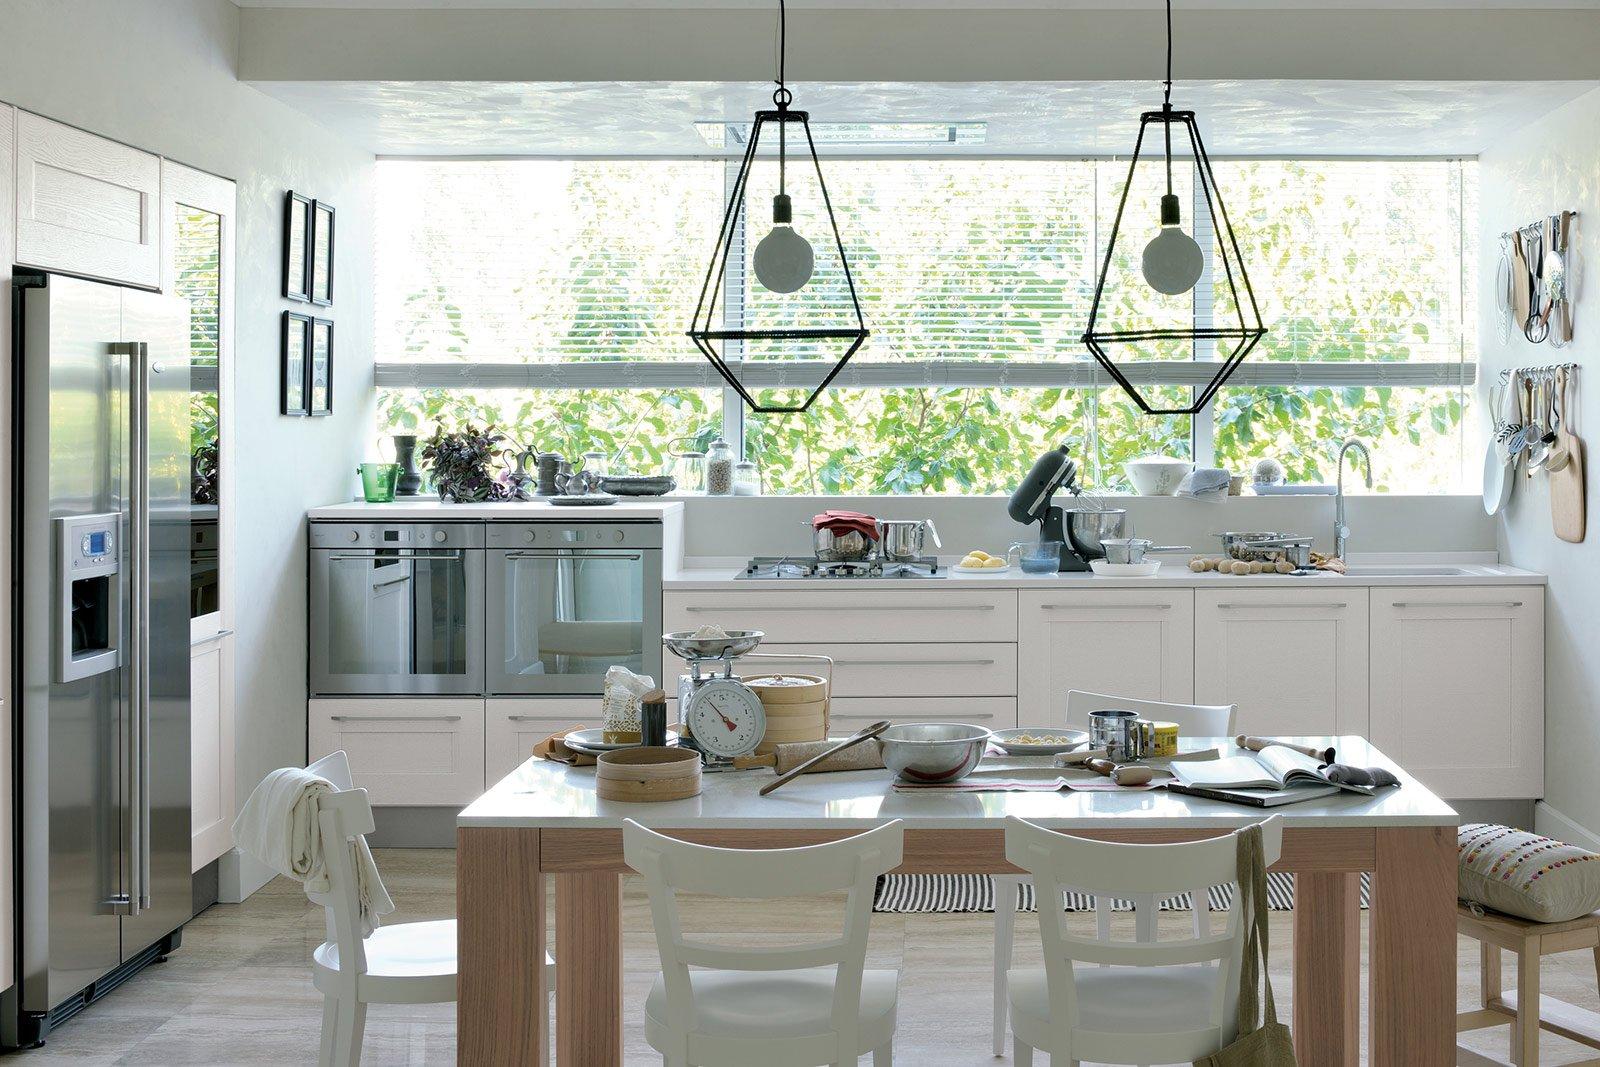 pensili cucina acciaio inox: voffca.com vetrinette moderne a ... - Pensili Inox Per Cucina